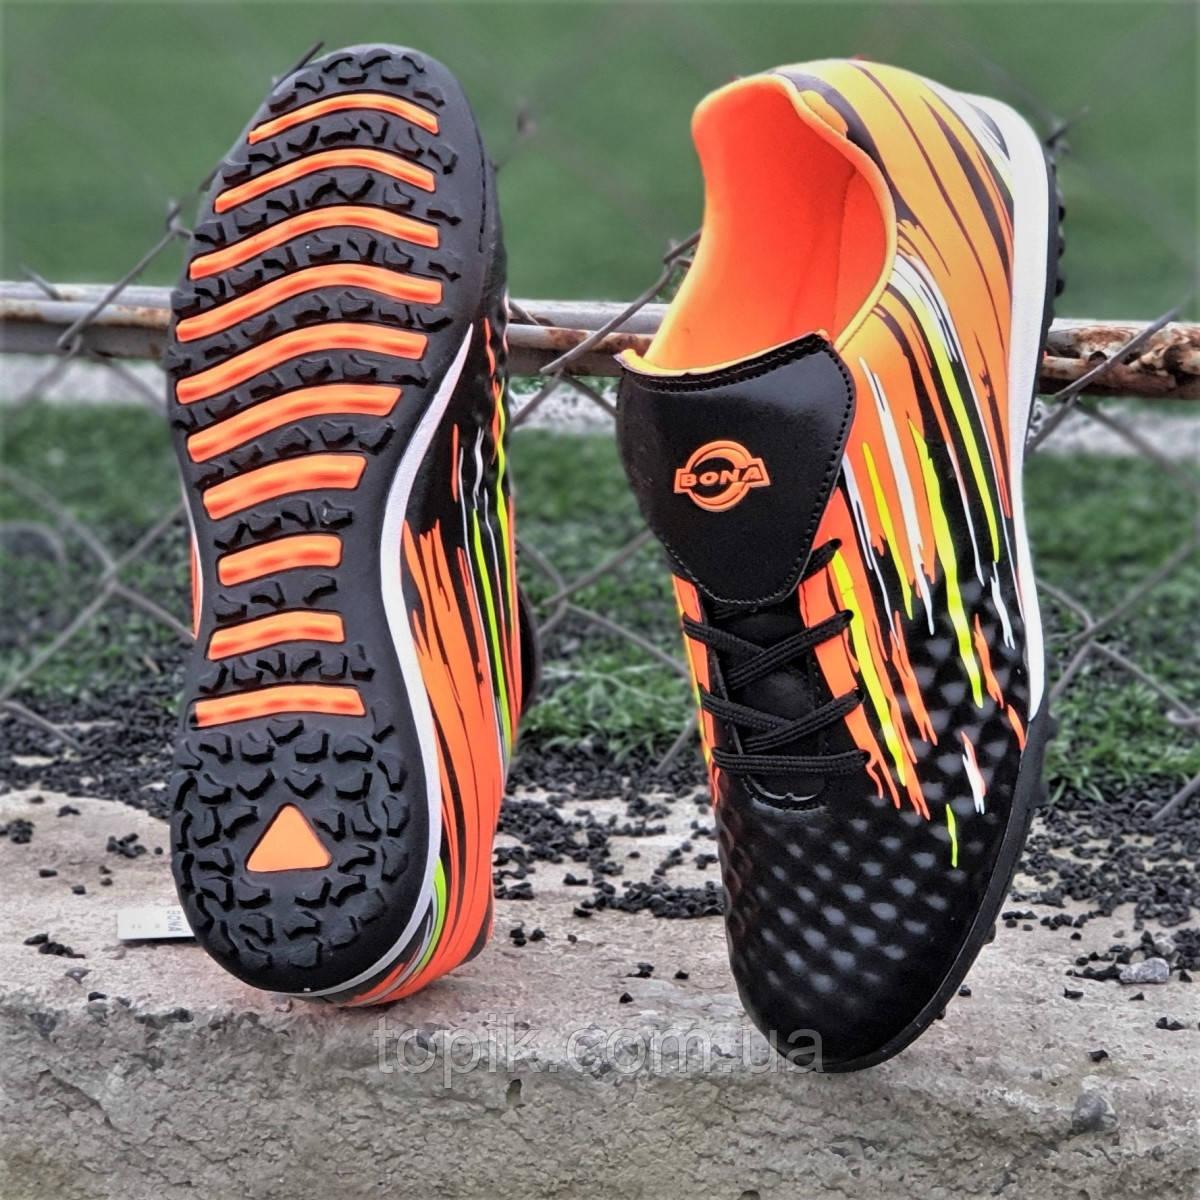 Подростковые сороконожки, бампы, кроссовки для футбола на мальчика черные оранжевые, удобные (Код: 1389а)